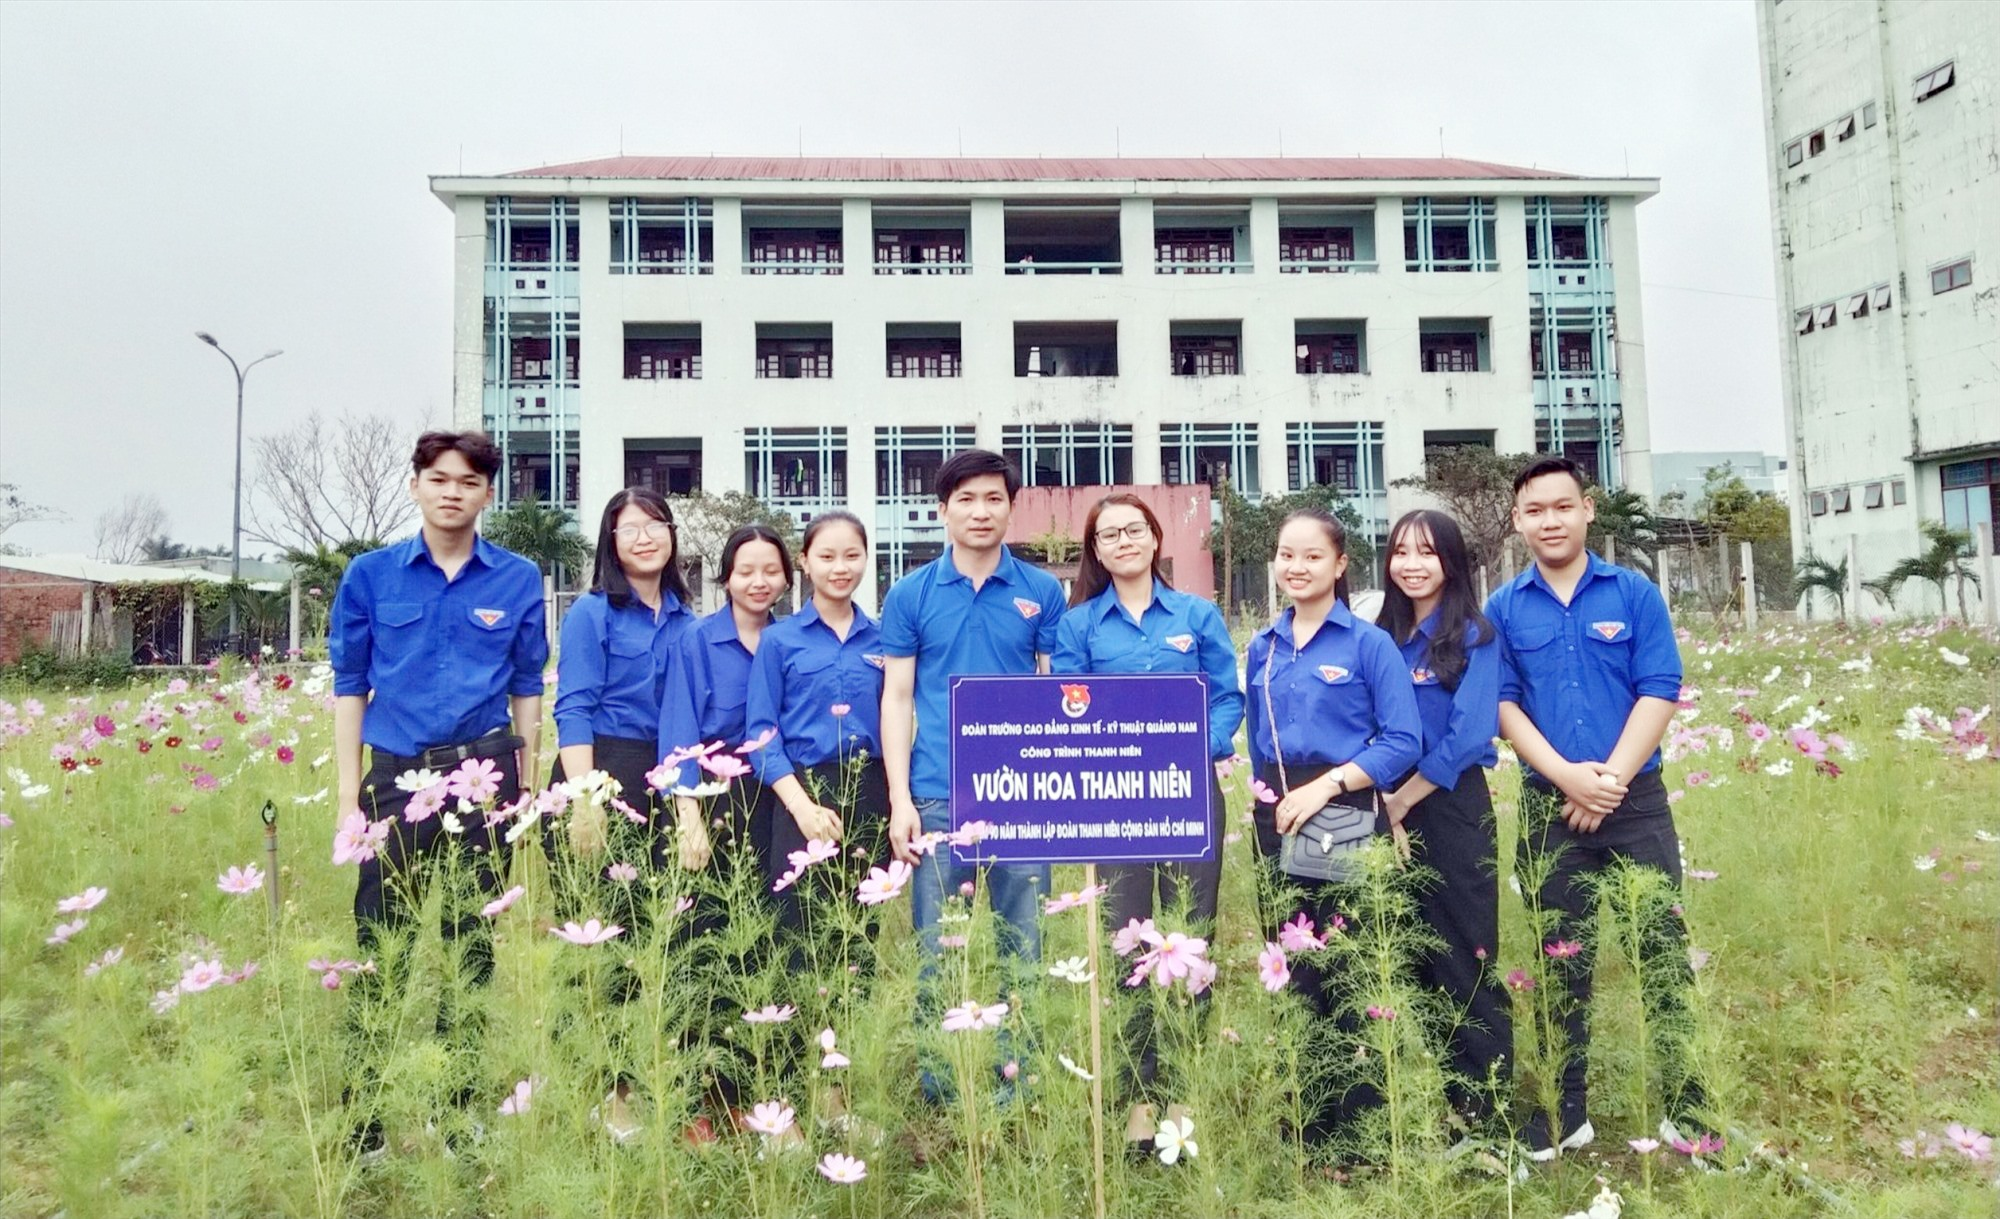 """Đoàn trường Cao đẳng Kinh tế - kỹ thuật Quảng Nam khánh thành công trình """"Vườn hoa thanh niên"""". Ảnh: ĐOÀN TRƯỜNG"""